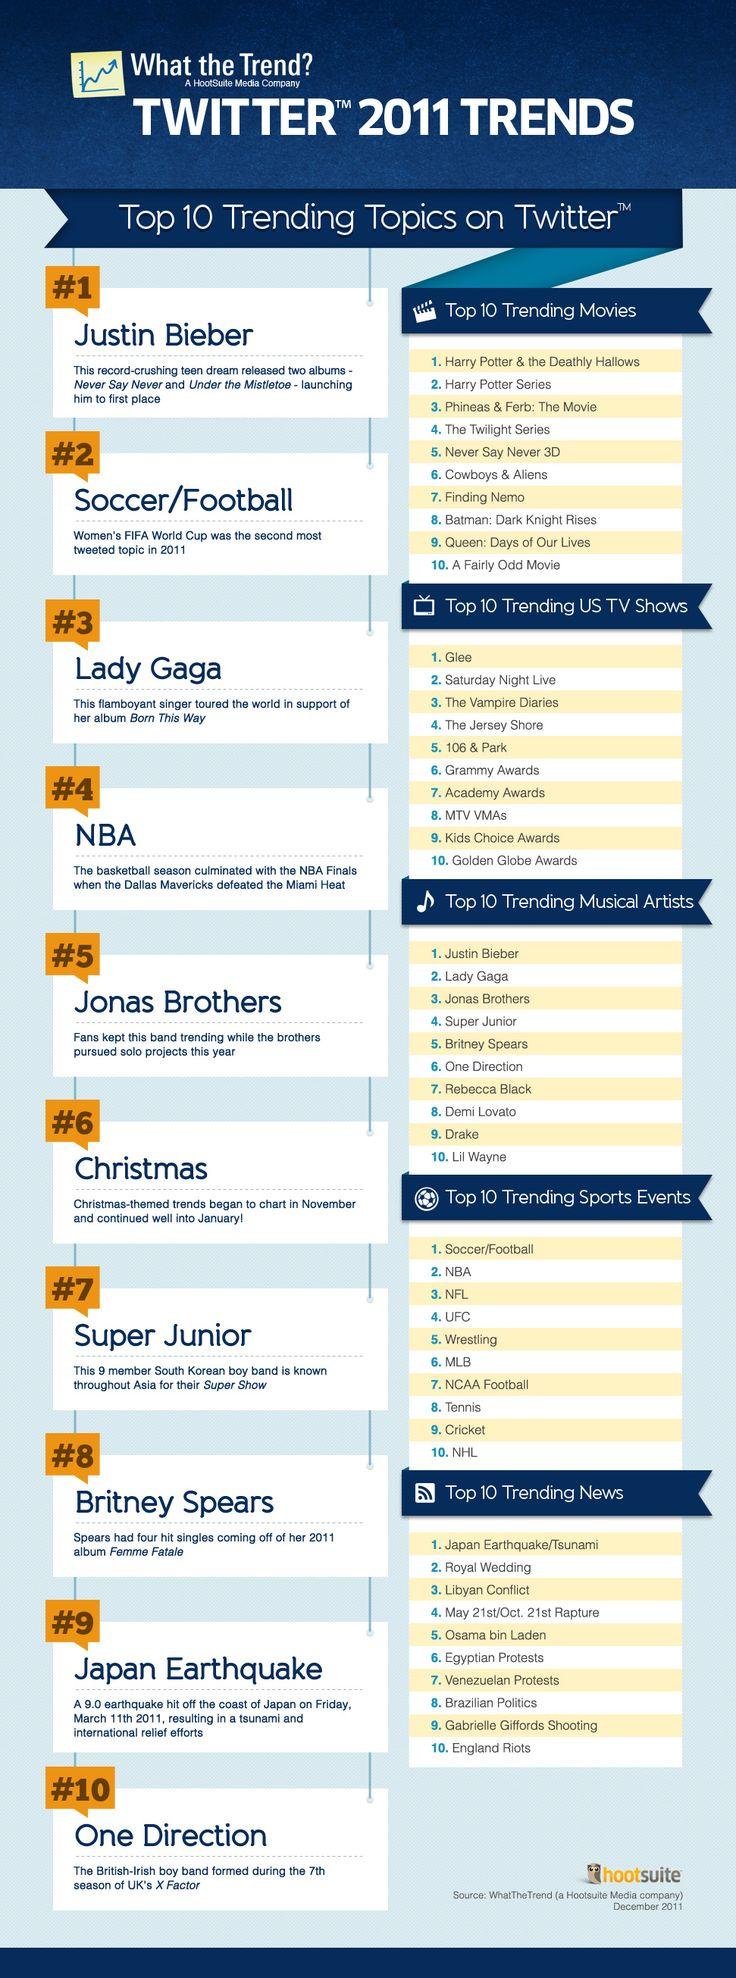 top 10 trending topics on twitter